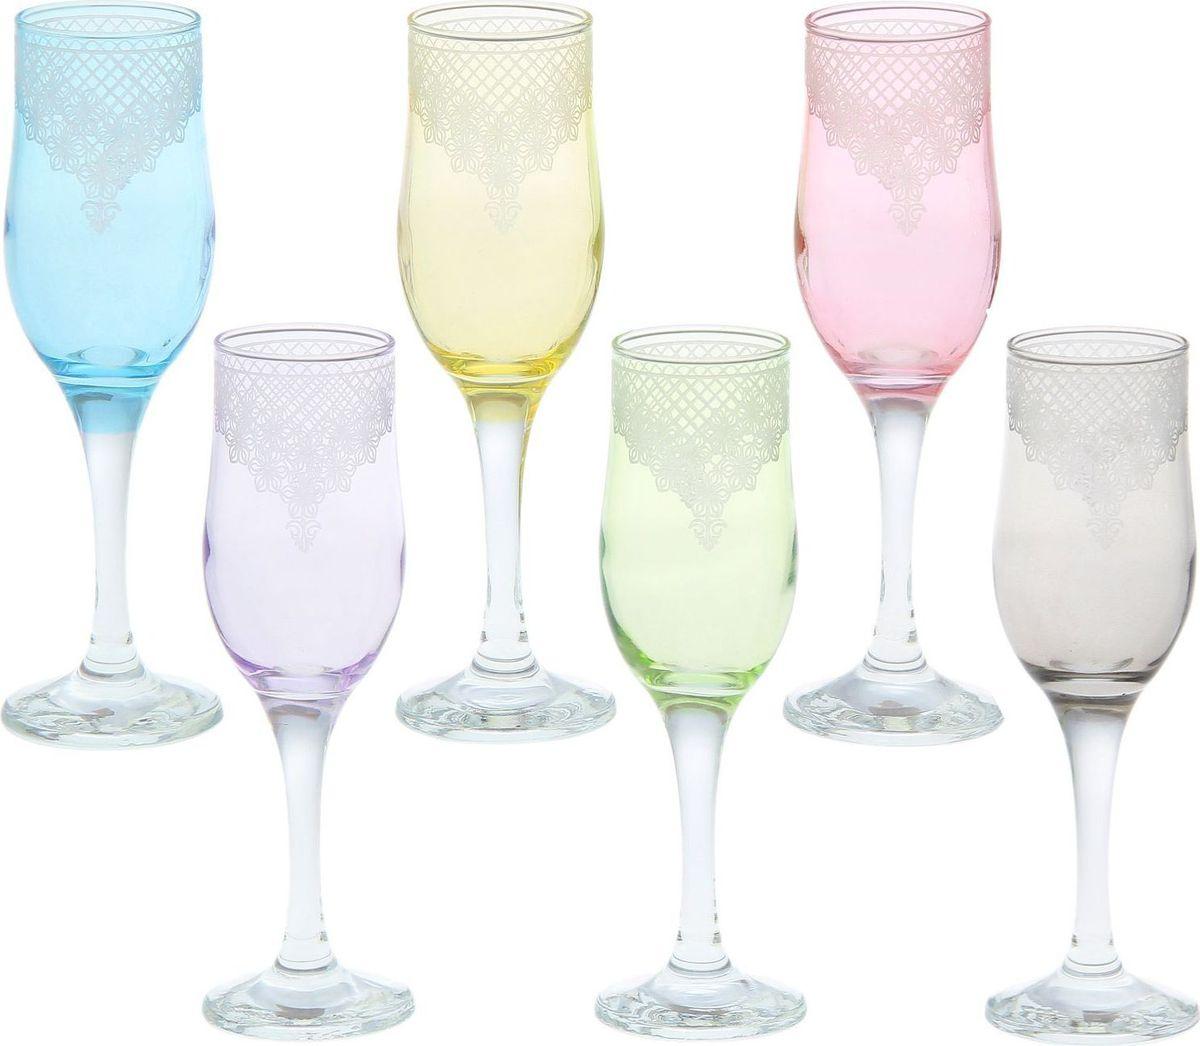 Набор бокалов для шампанского Декостек Крокус, 200 мл, 6 шт. 1919595 набор бокалов для бренди коралл 40600 q8105 400 анжела